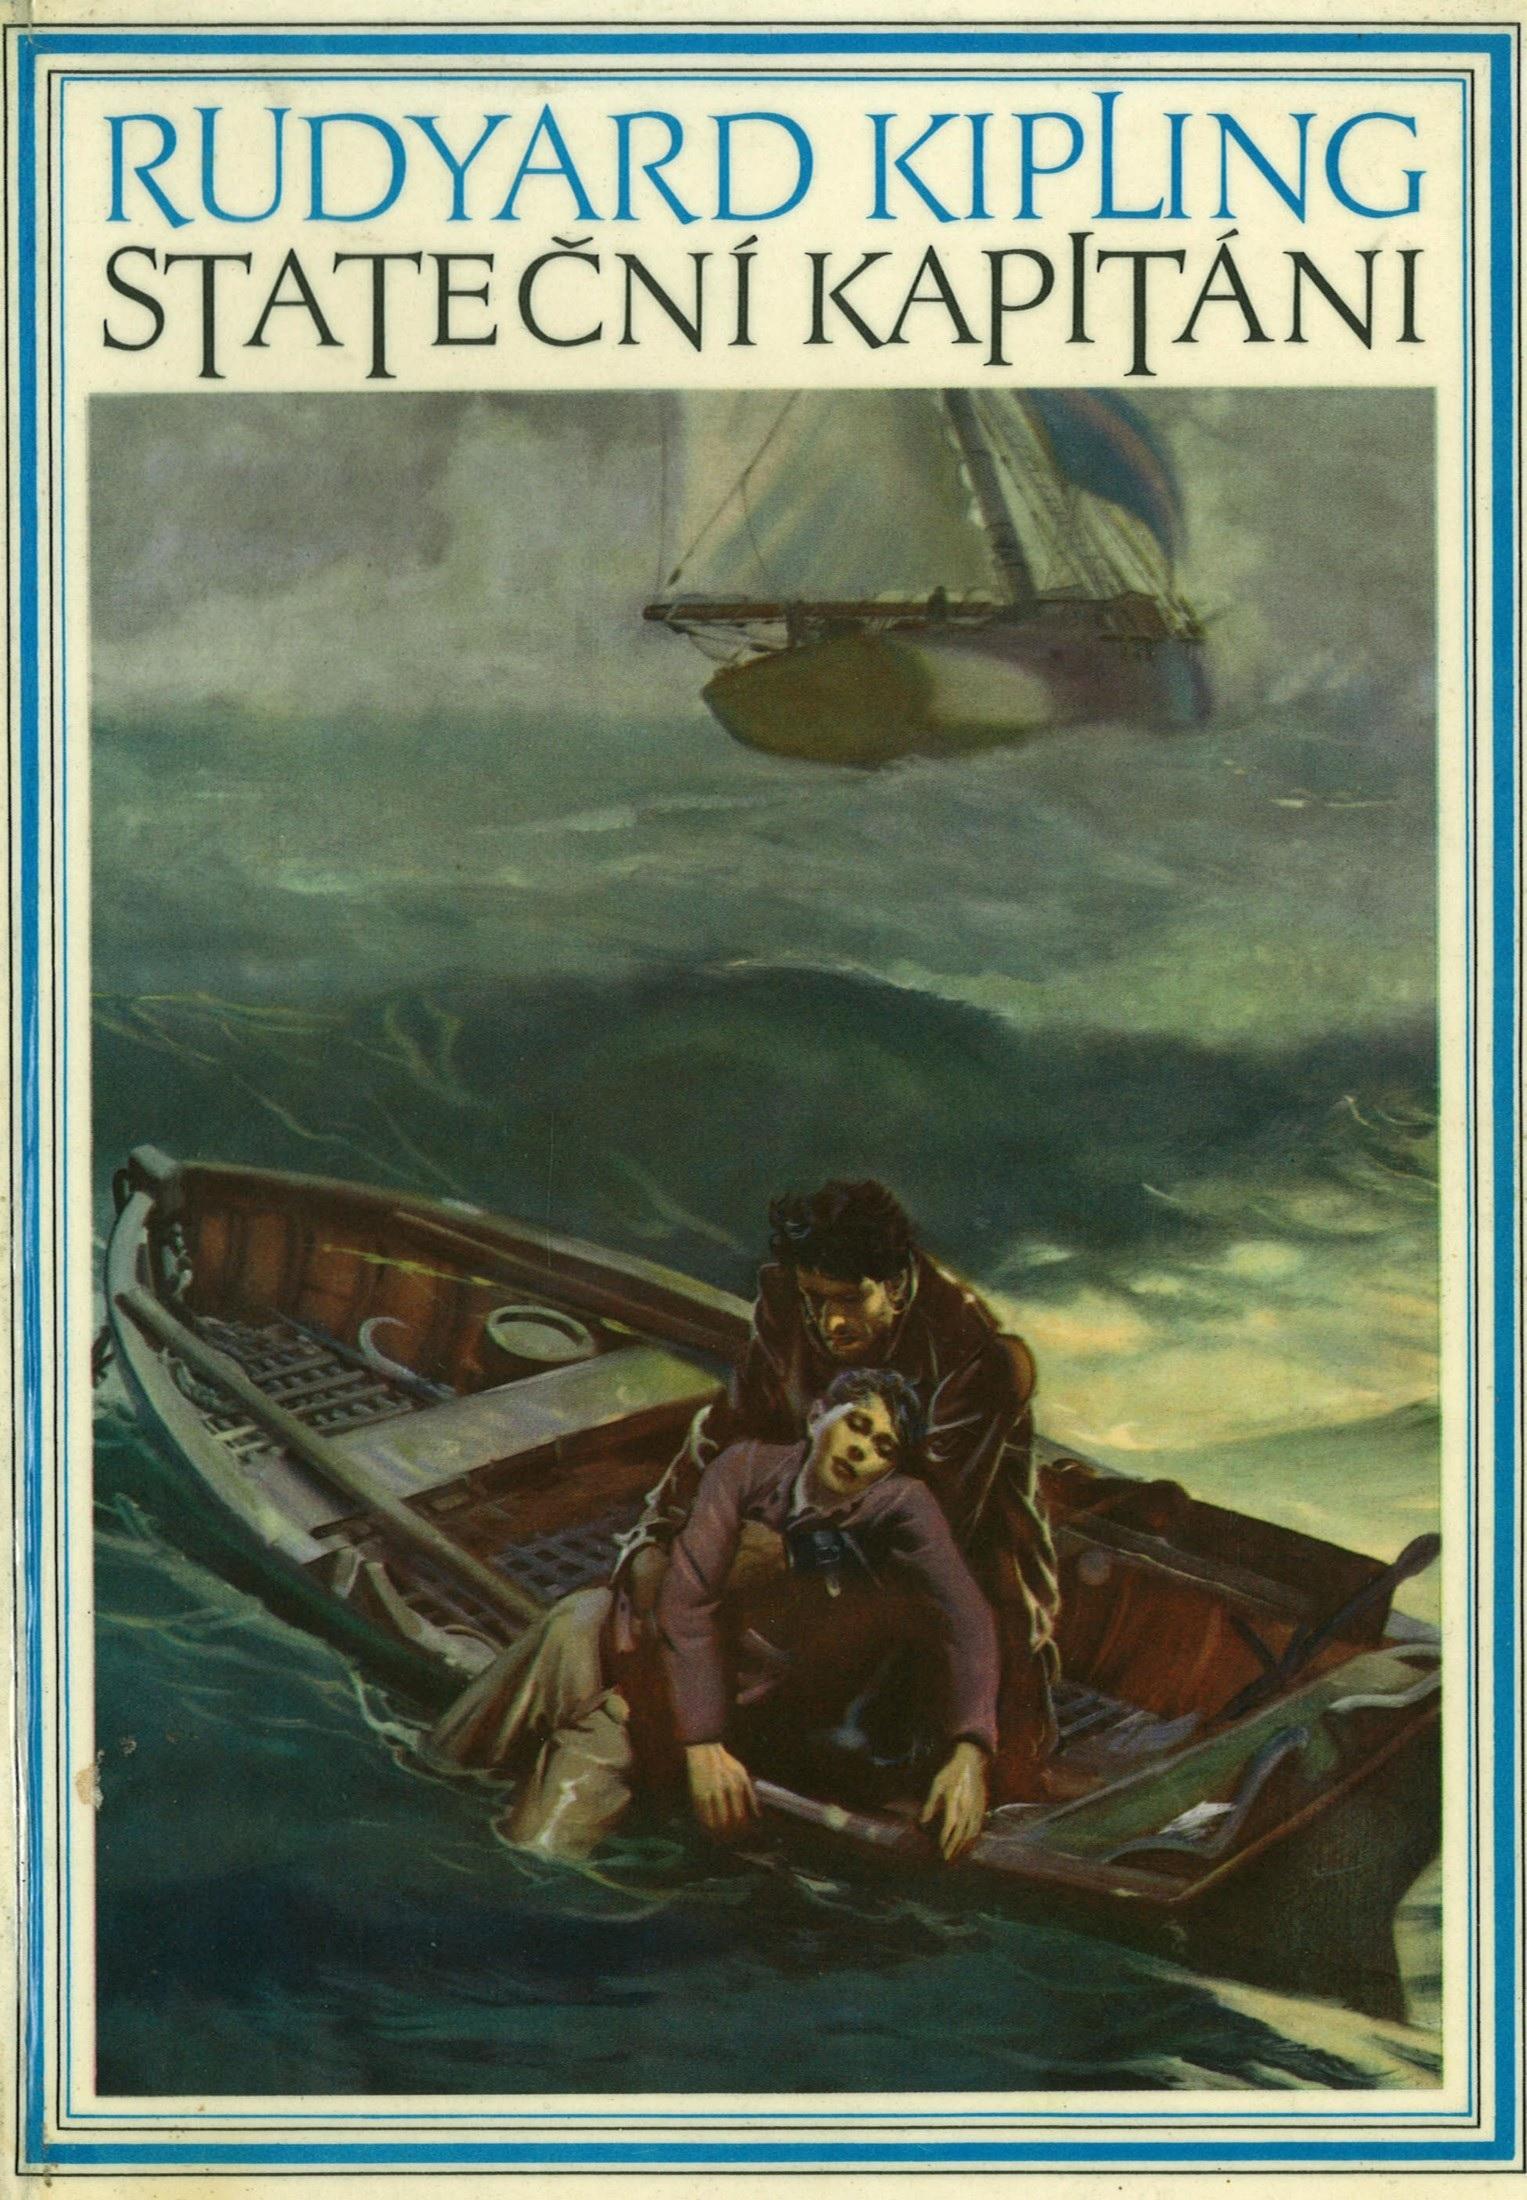 Stateční kapitáni Rudyard Kipling